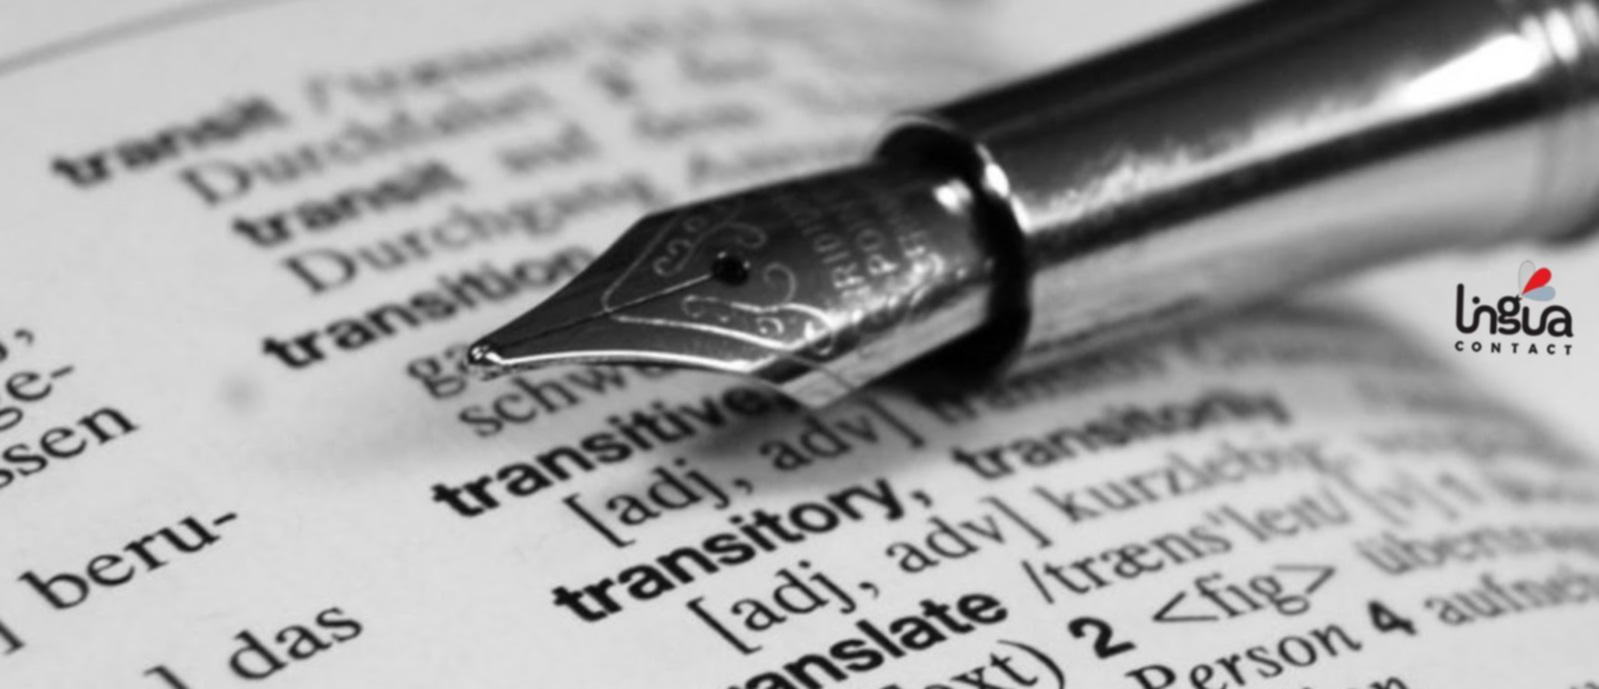 Перьевая ручка и английский словарь